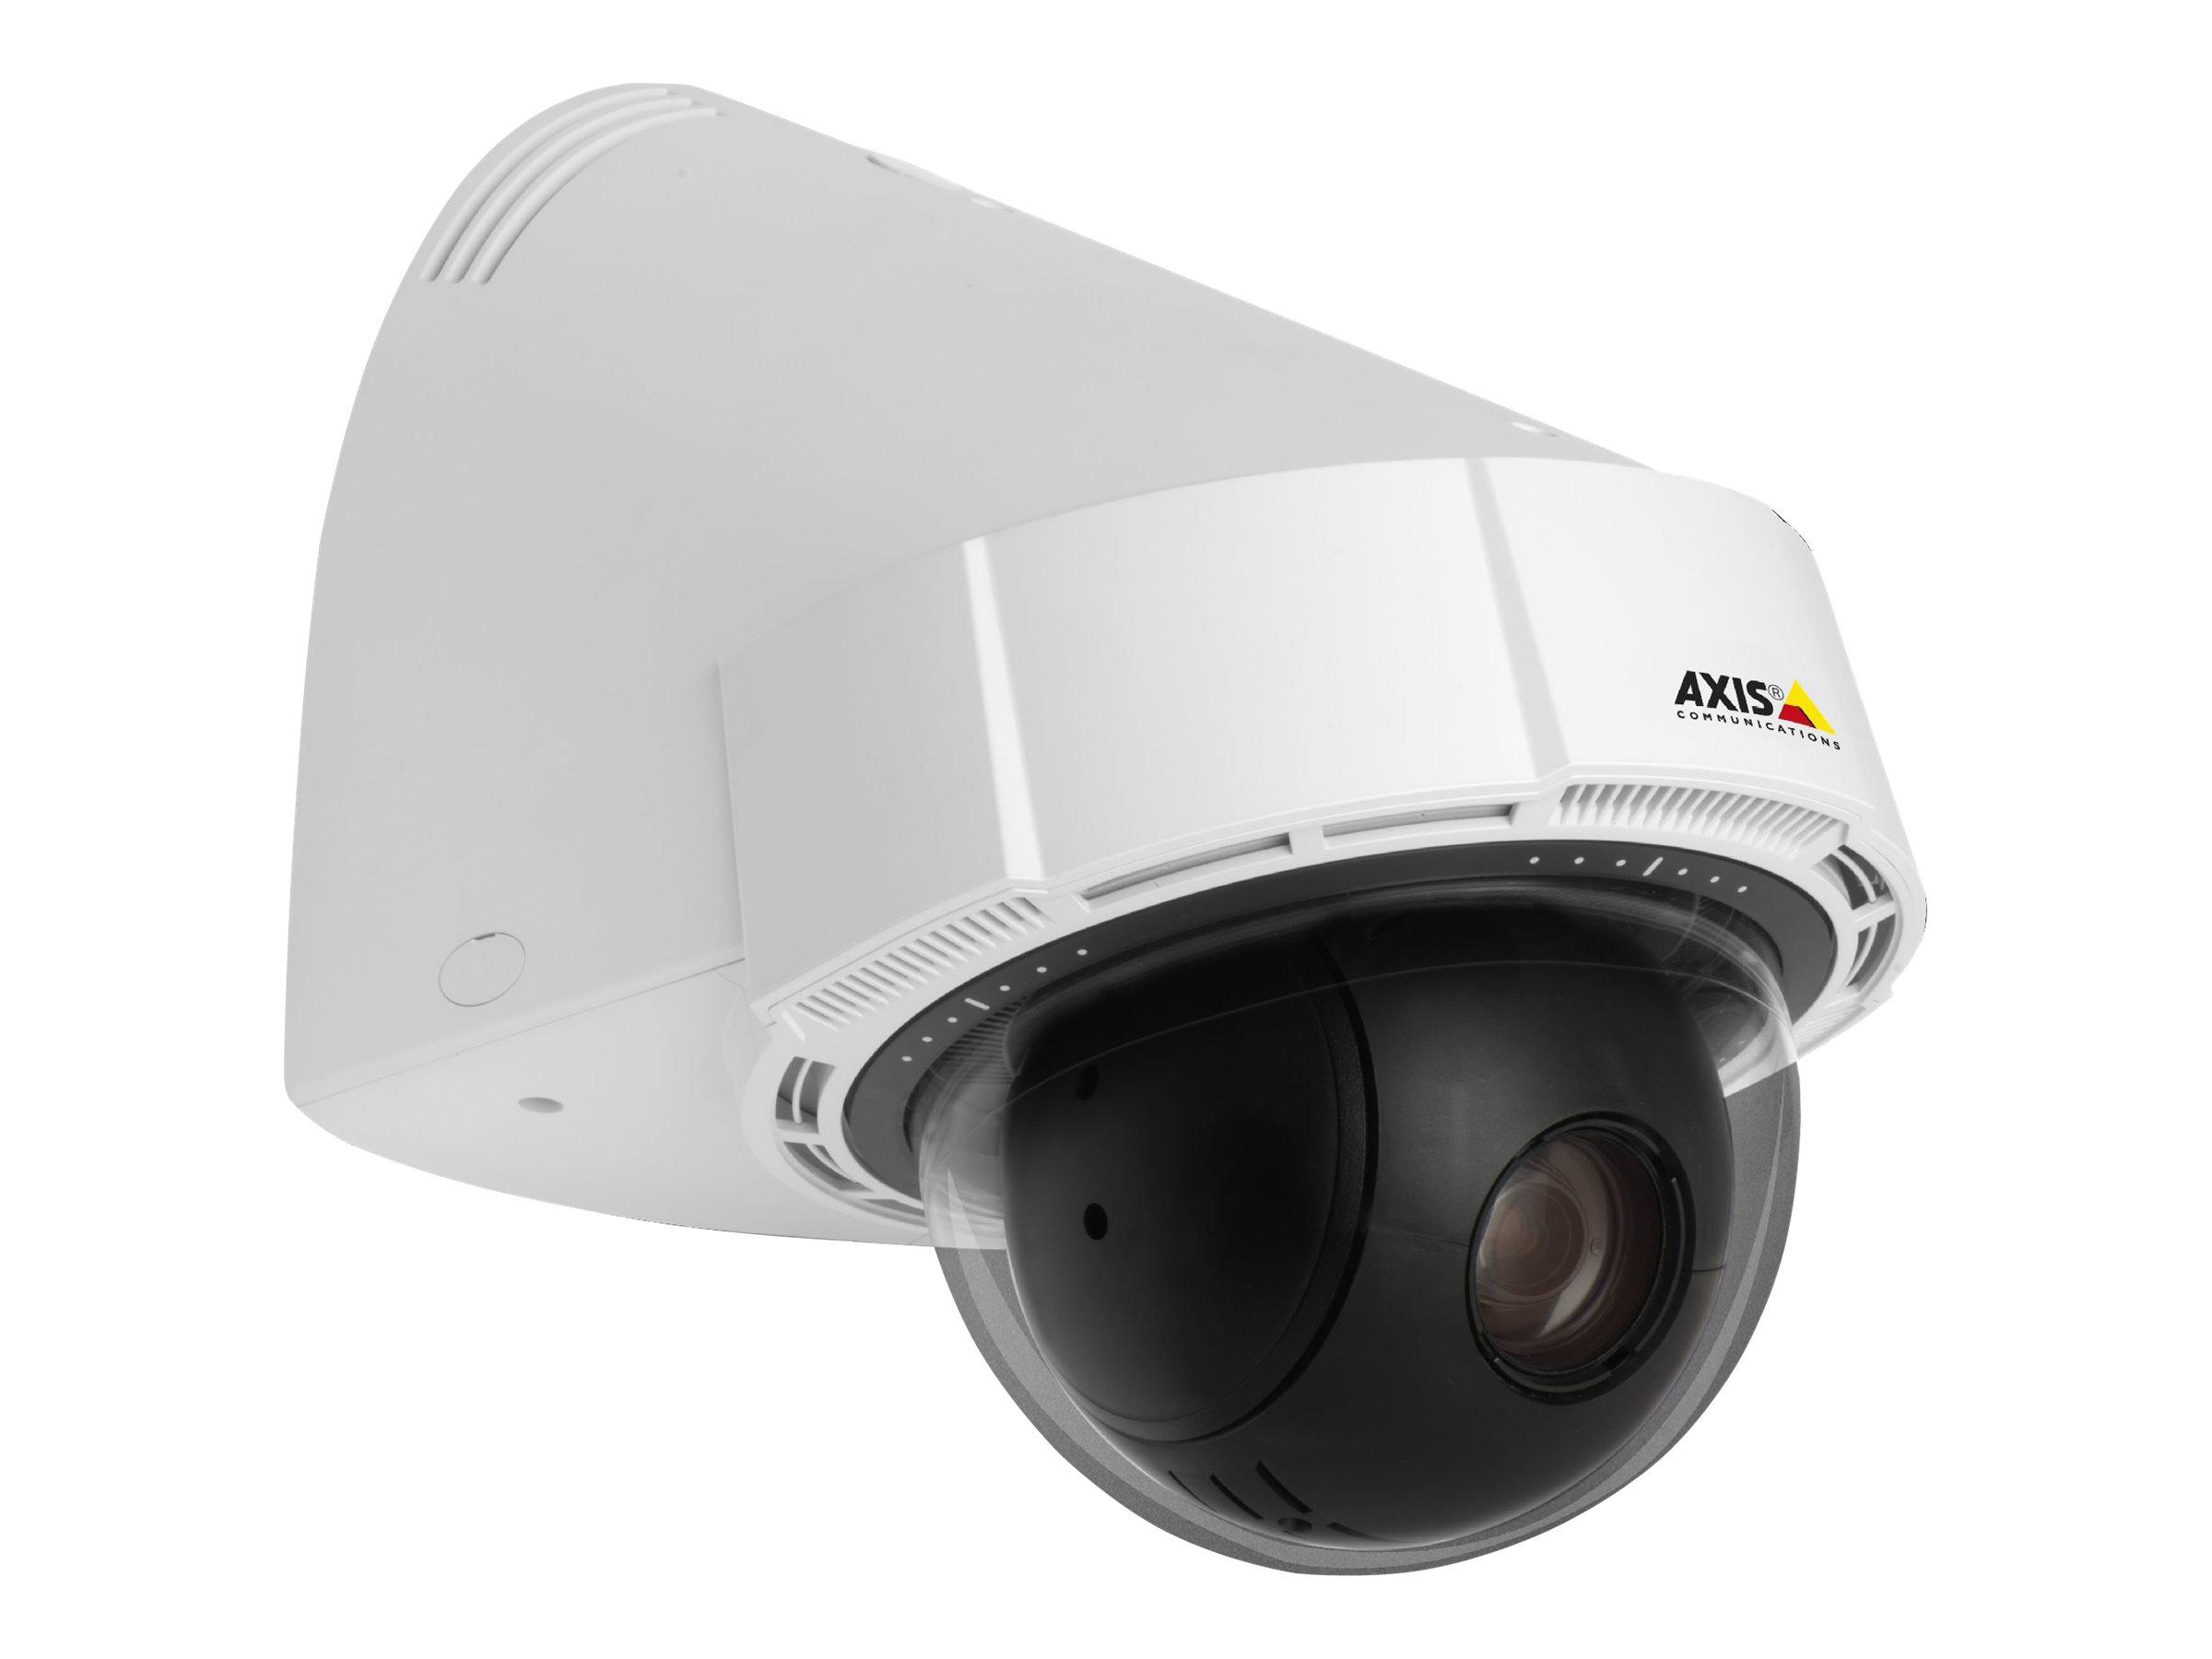 AXIS P5415-E PTZ Dome Network Camera 50 Hz - Netzwerk-Überwachungskamera - PTZ - Aussenbereich - vandalismusresistent/wasserfest